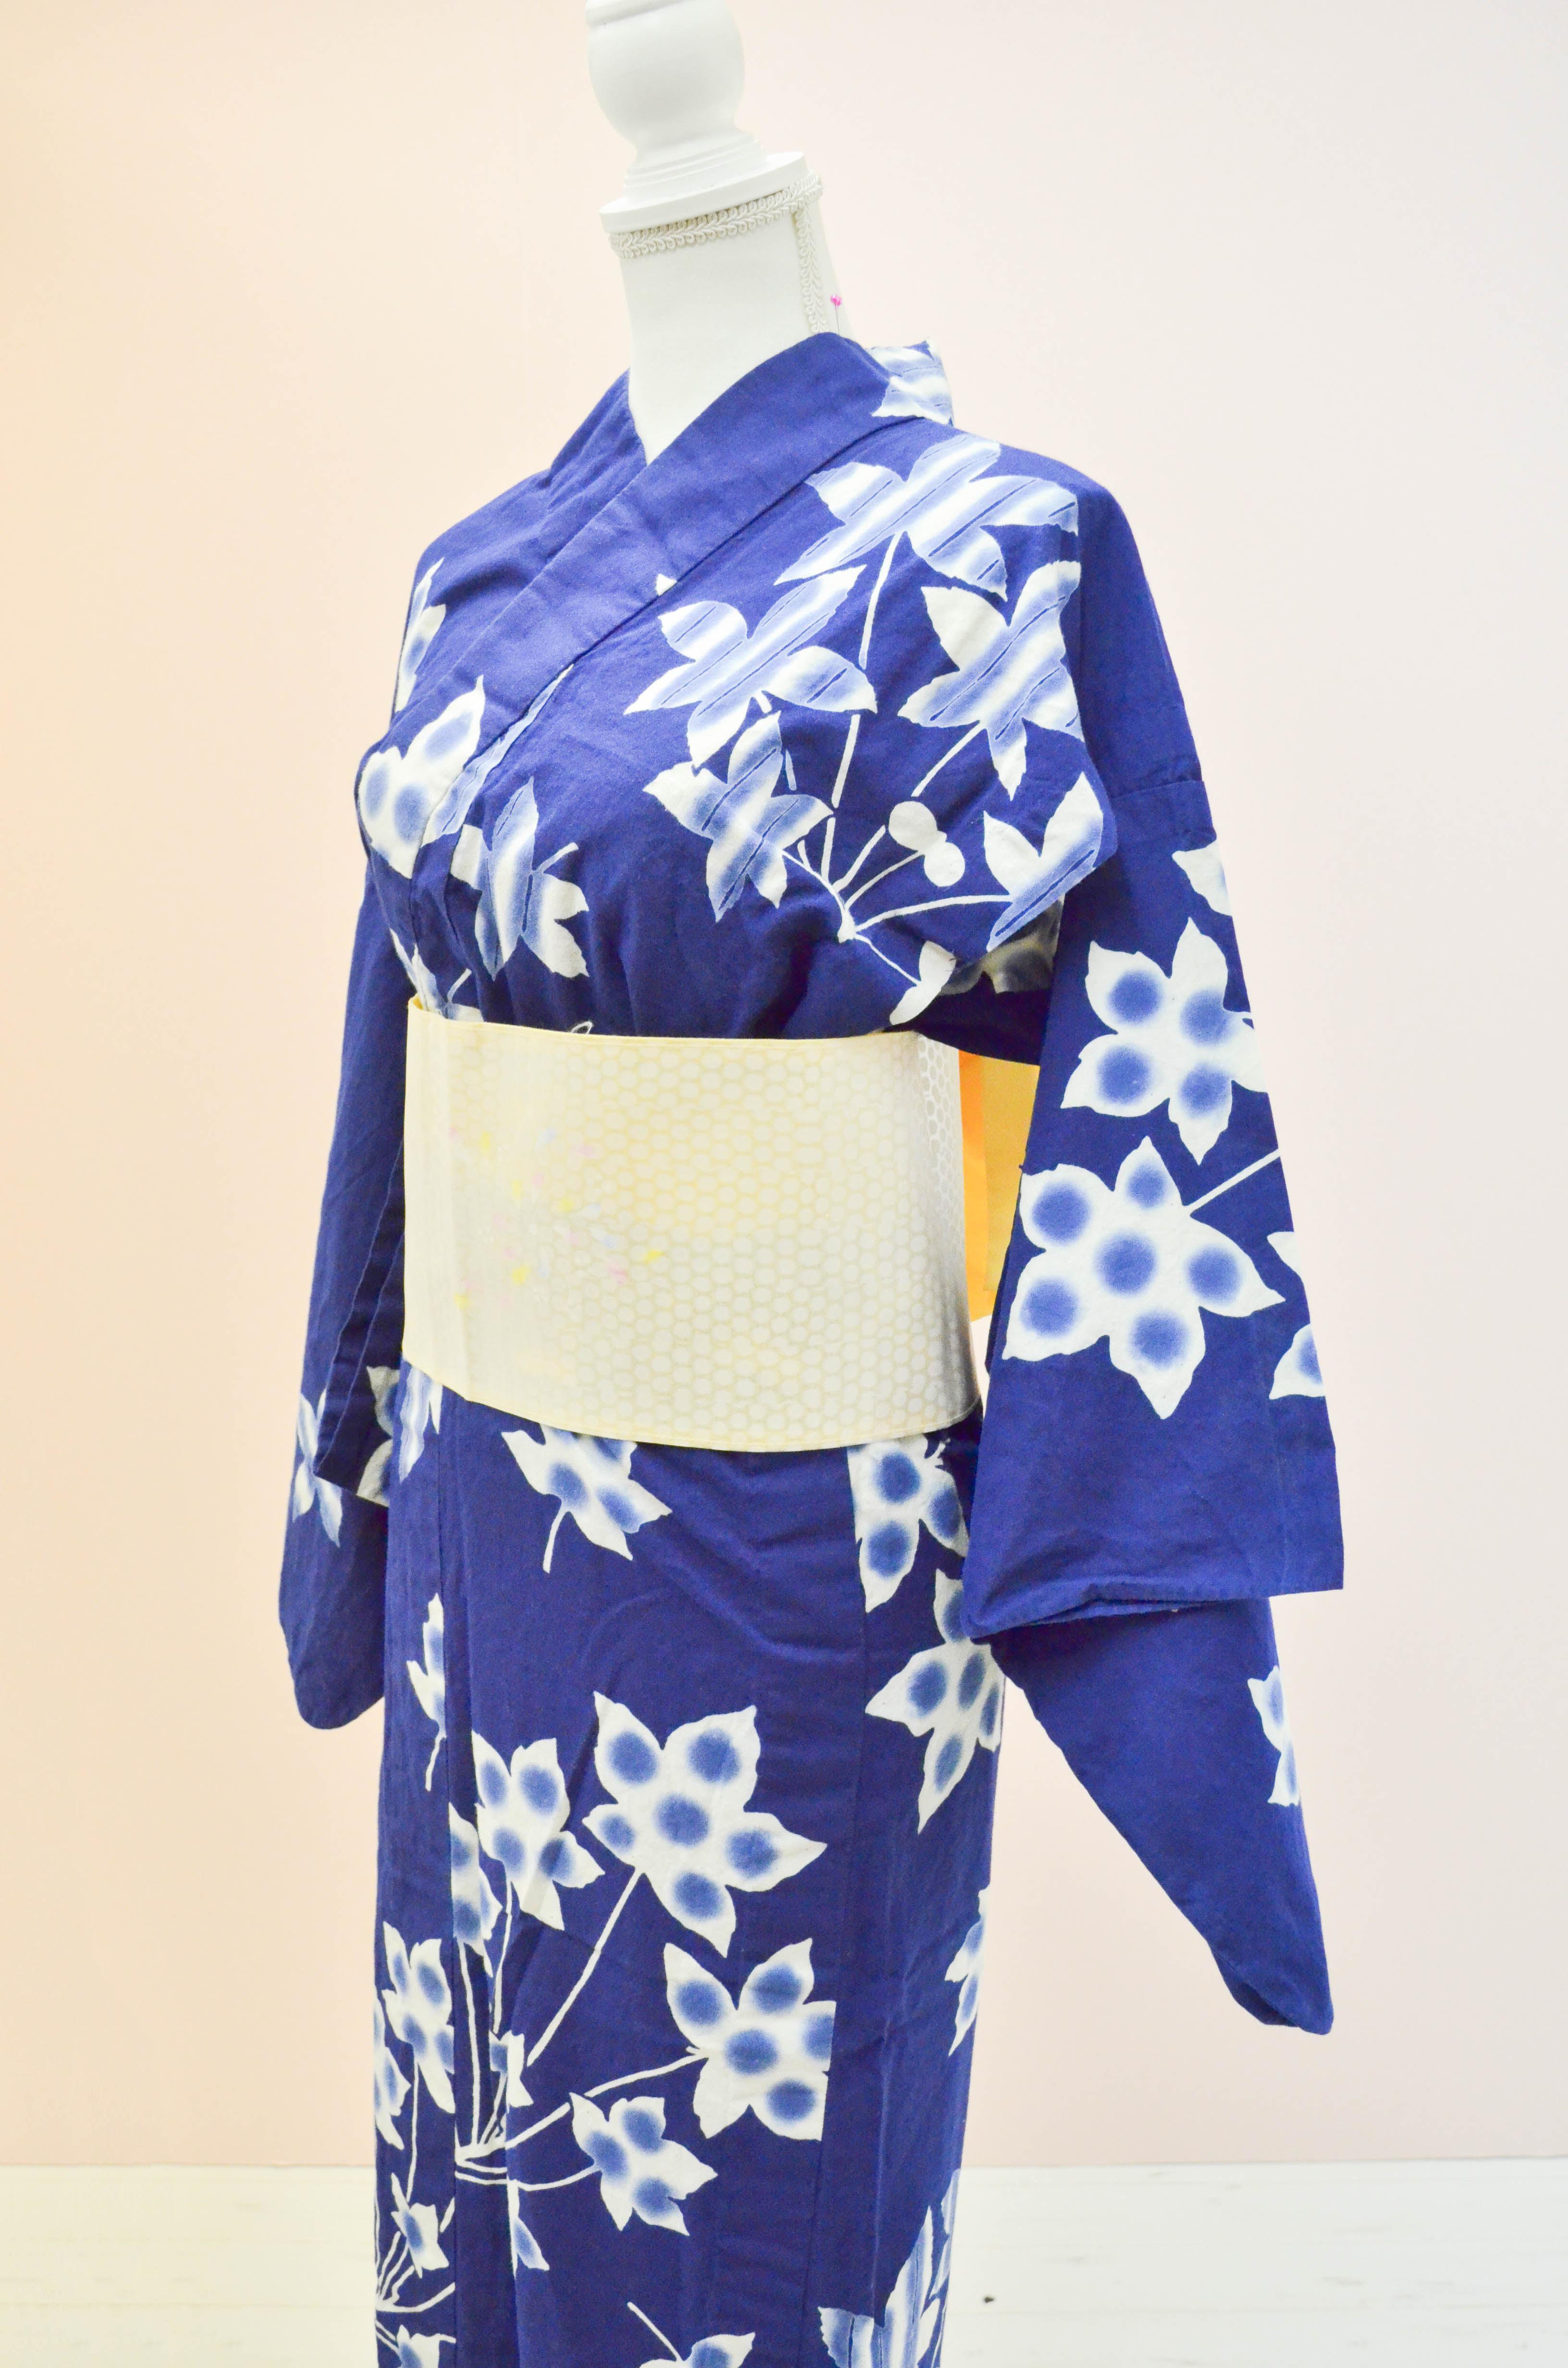 【レンタル期間:単日OK】品番:浴衣:青地桔梗柄(6月1日〜9月30日)は割増価格になります